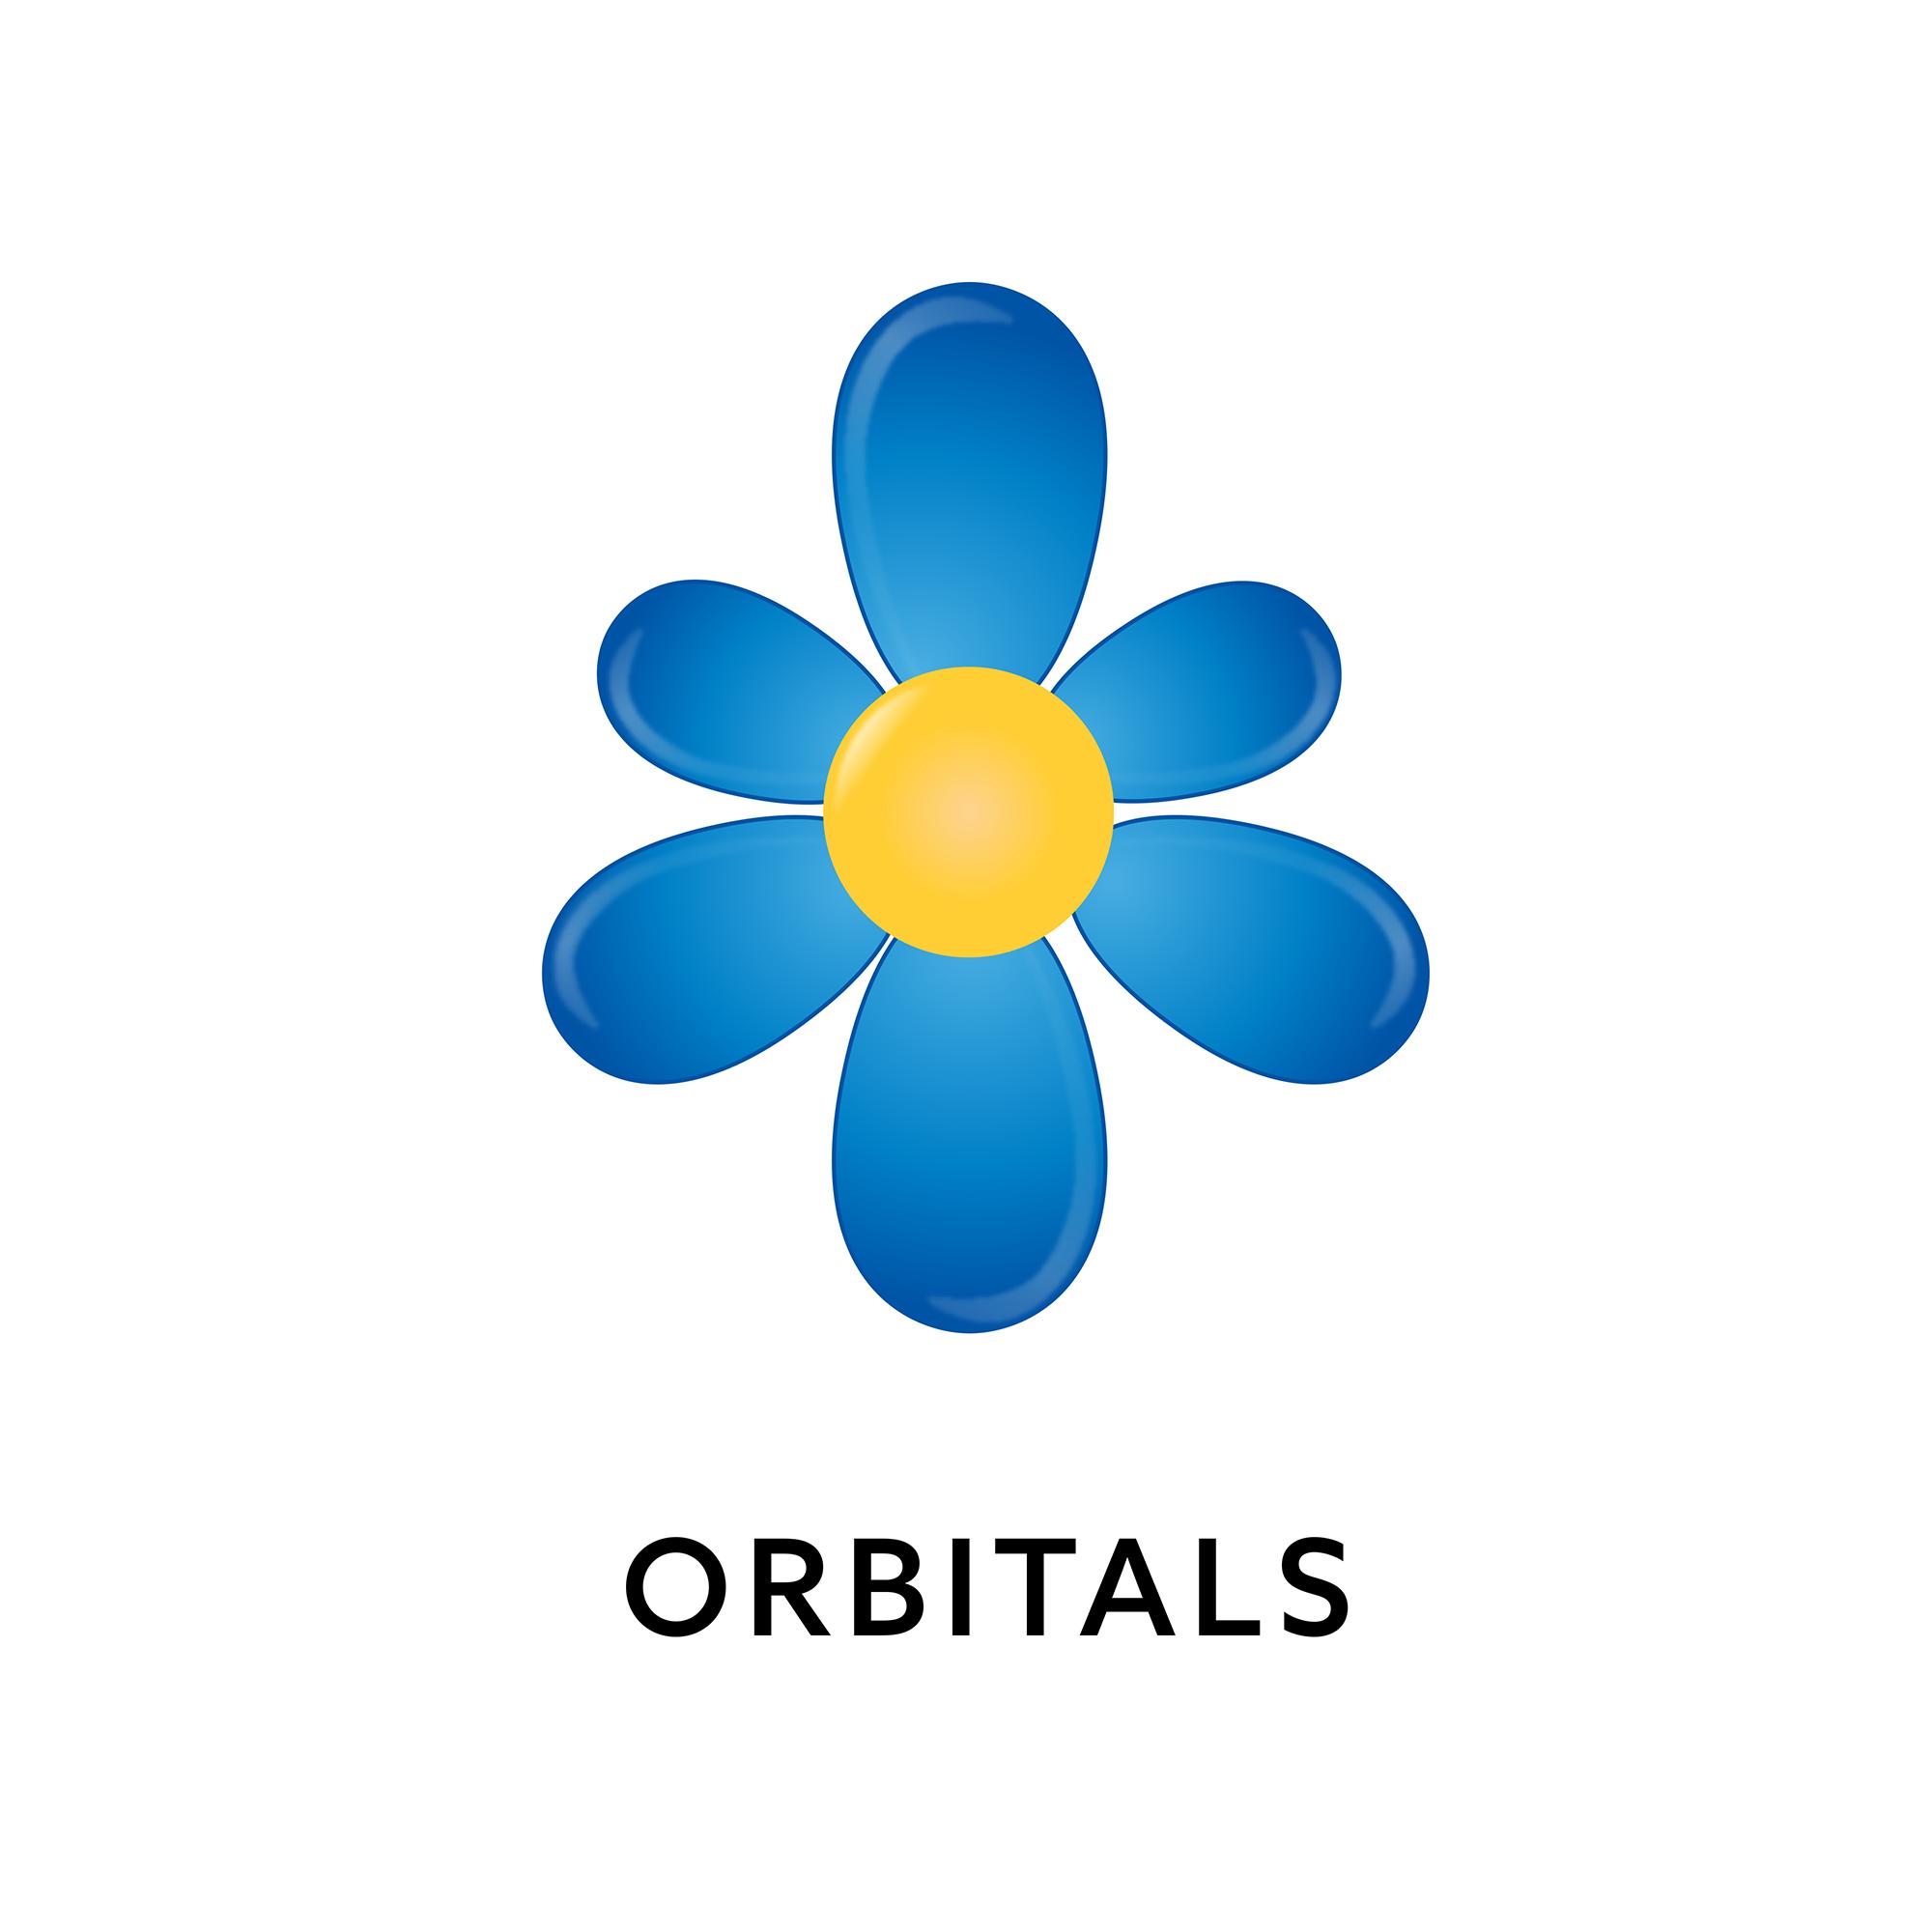 Orbitals show art